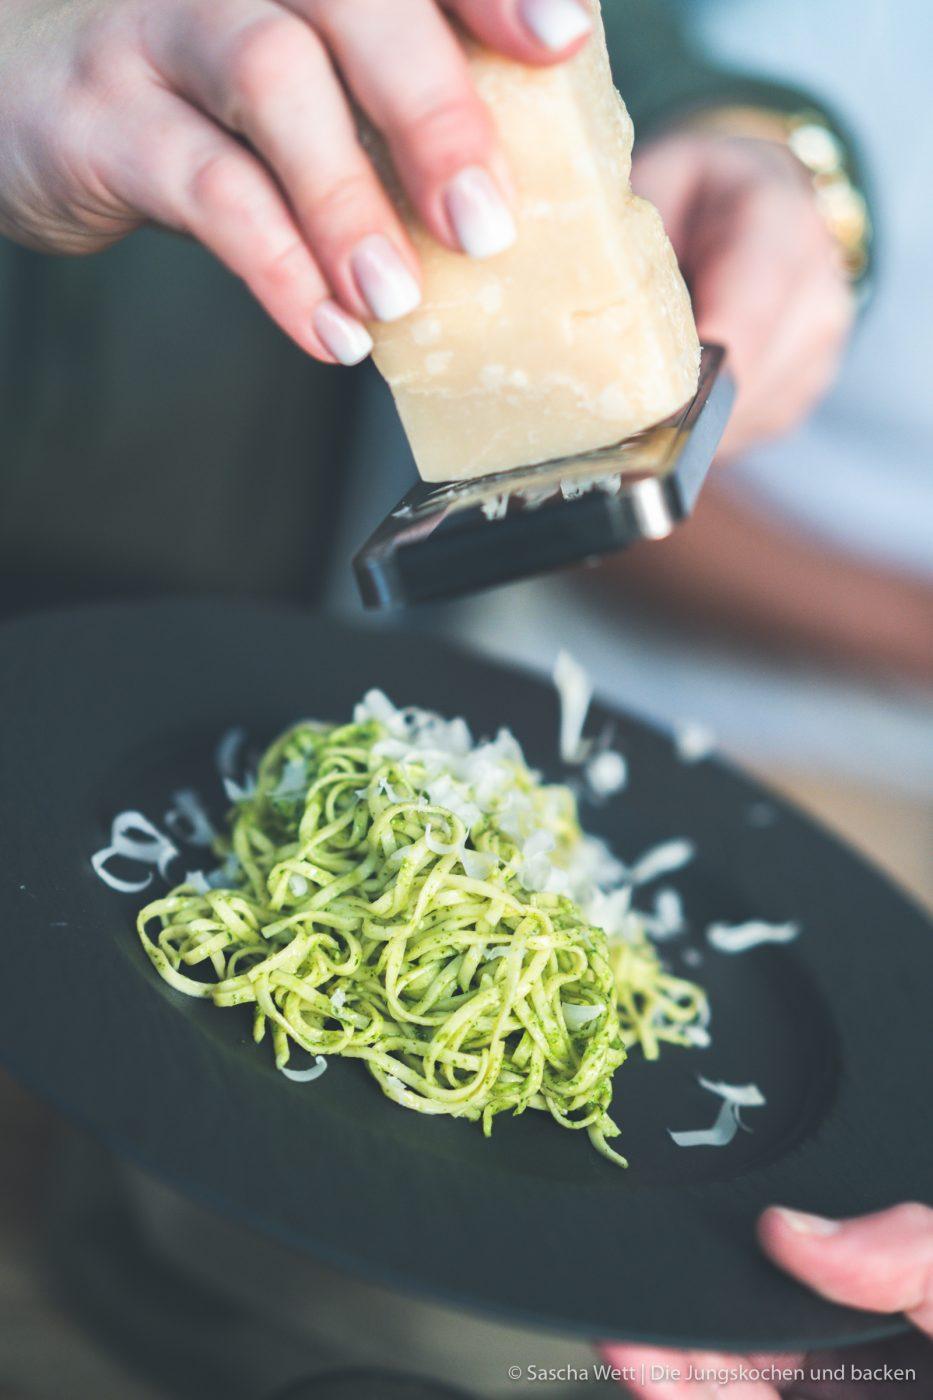 Pesto Pasta 14 | Dieses Rezept haben wir wirklich schon vor einer ganzen Weile zubereitet. Aber manchmal kommen einem immer andere Dinge dazwischen, dann wandern die Bilder mehr und mehr in den Hintergrund und andere Rezepte passen noch besser in die Jahreszeit! Daher ist unser Gericht, das wir euch heute zeigen, absolut unabhängig von fast jeglicher Saison - also ein All-Year-Long-Rezept!! Ok .. wenn ihr euren Basilikum unbedingt aus dem Garten, anstatt von der Fensterbank haben möchtet, dann schon. Auf jeden Fall steht heute Pasta al pesto für euch auf dem Programm.